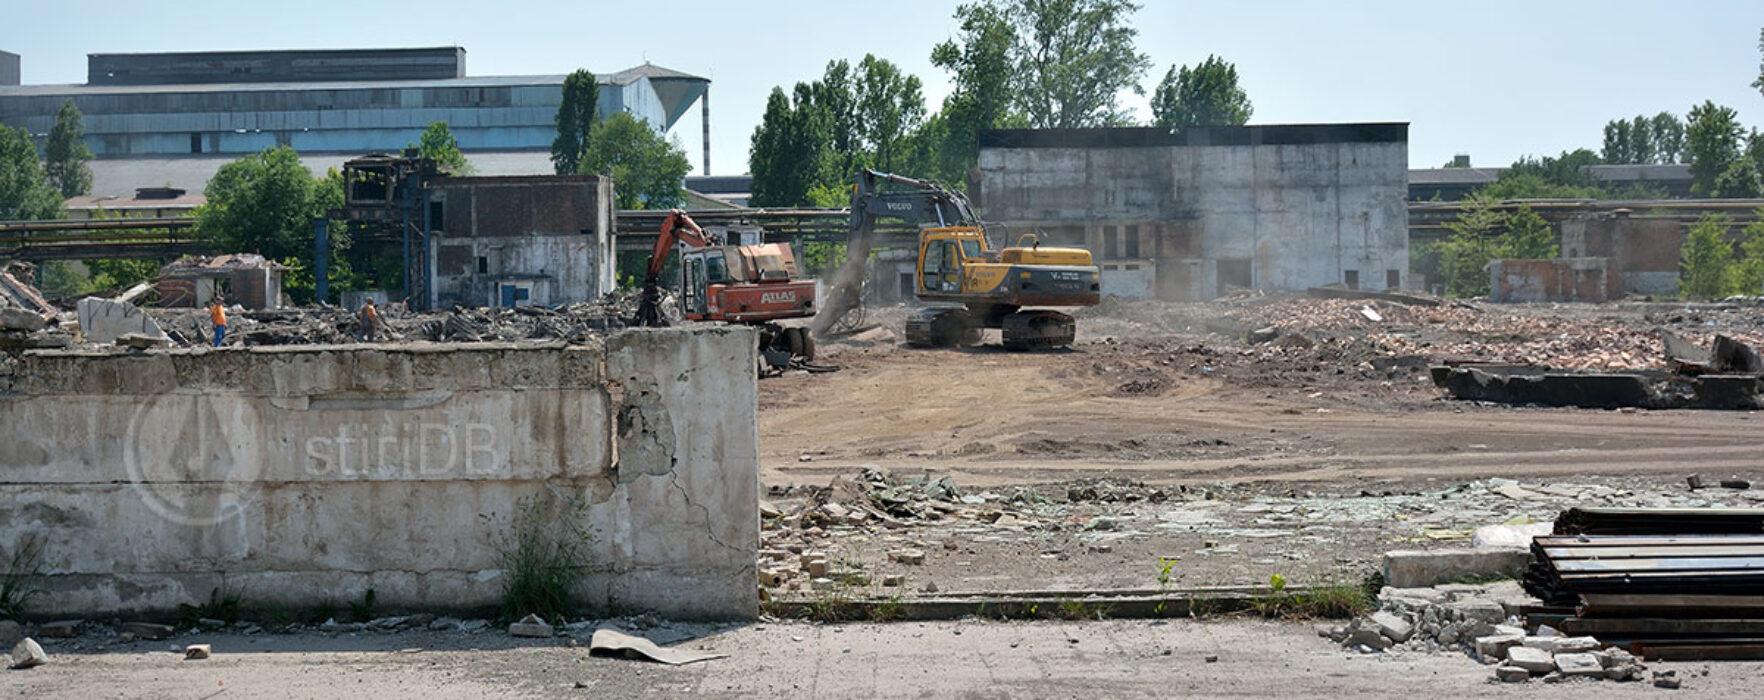 Cât teren e la COS Târgovişte şi la cât e evaluat